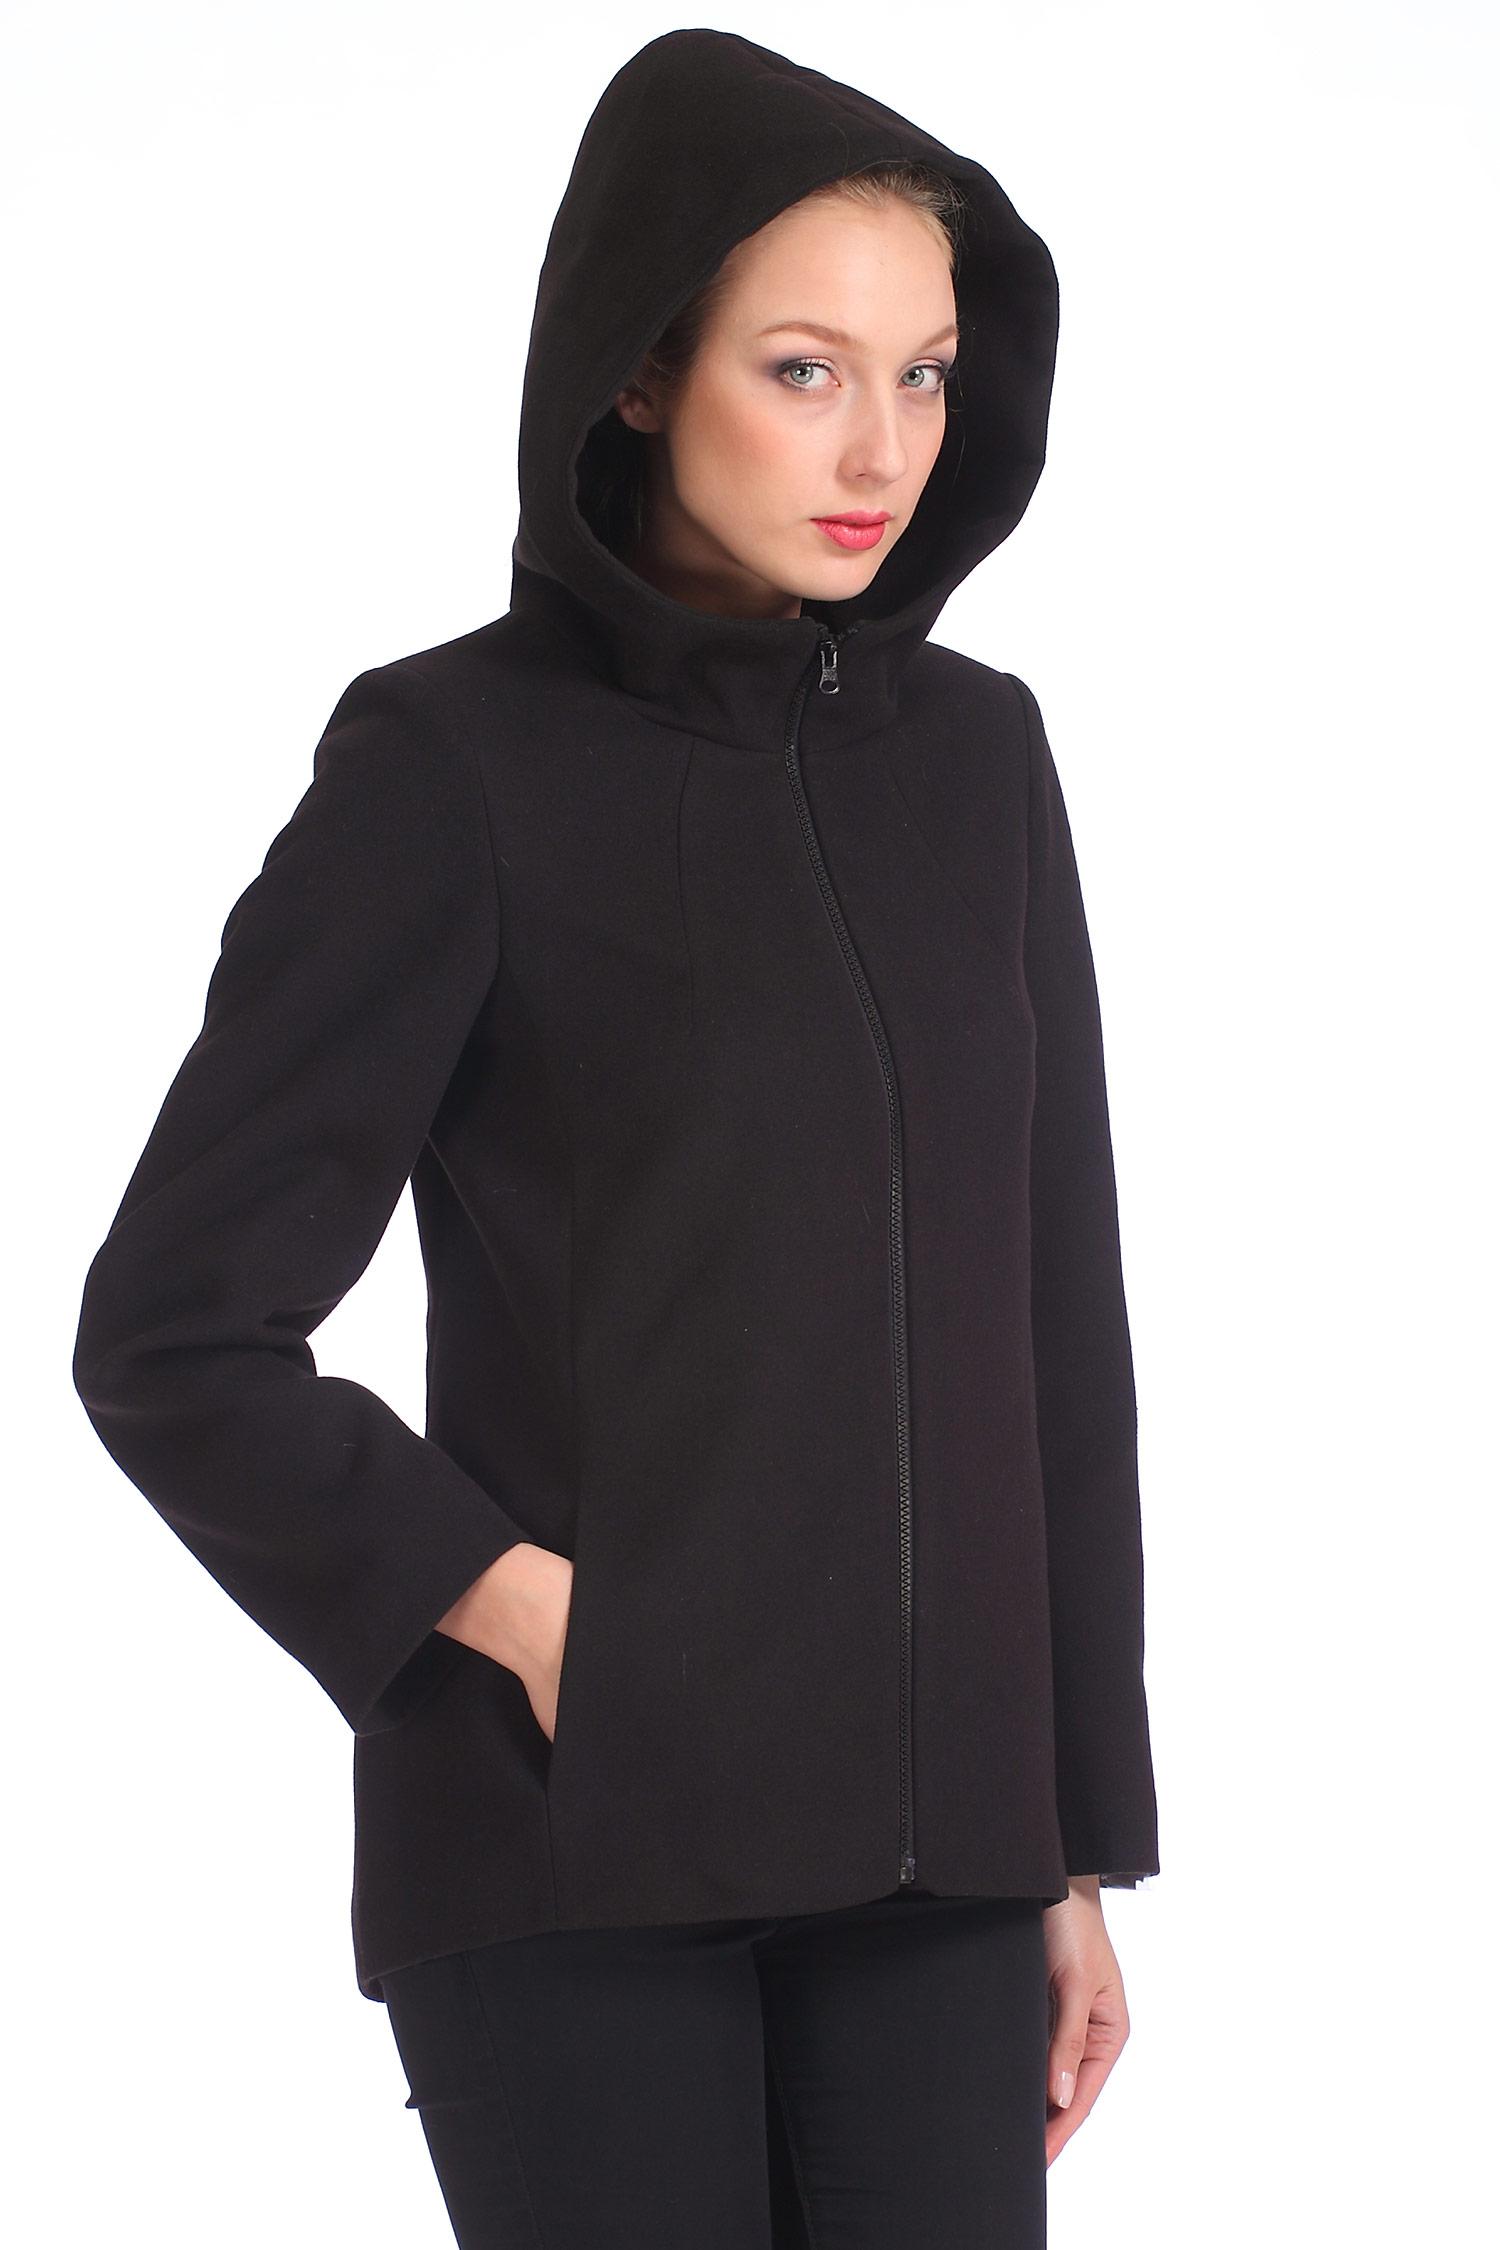 Женское пальто из текстиля с капюшоном, без отделки от МОСМЕХА